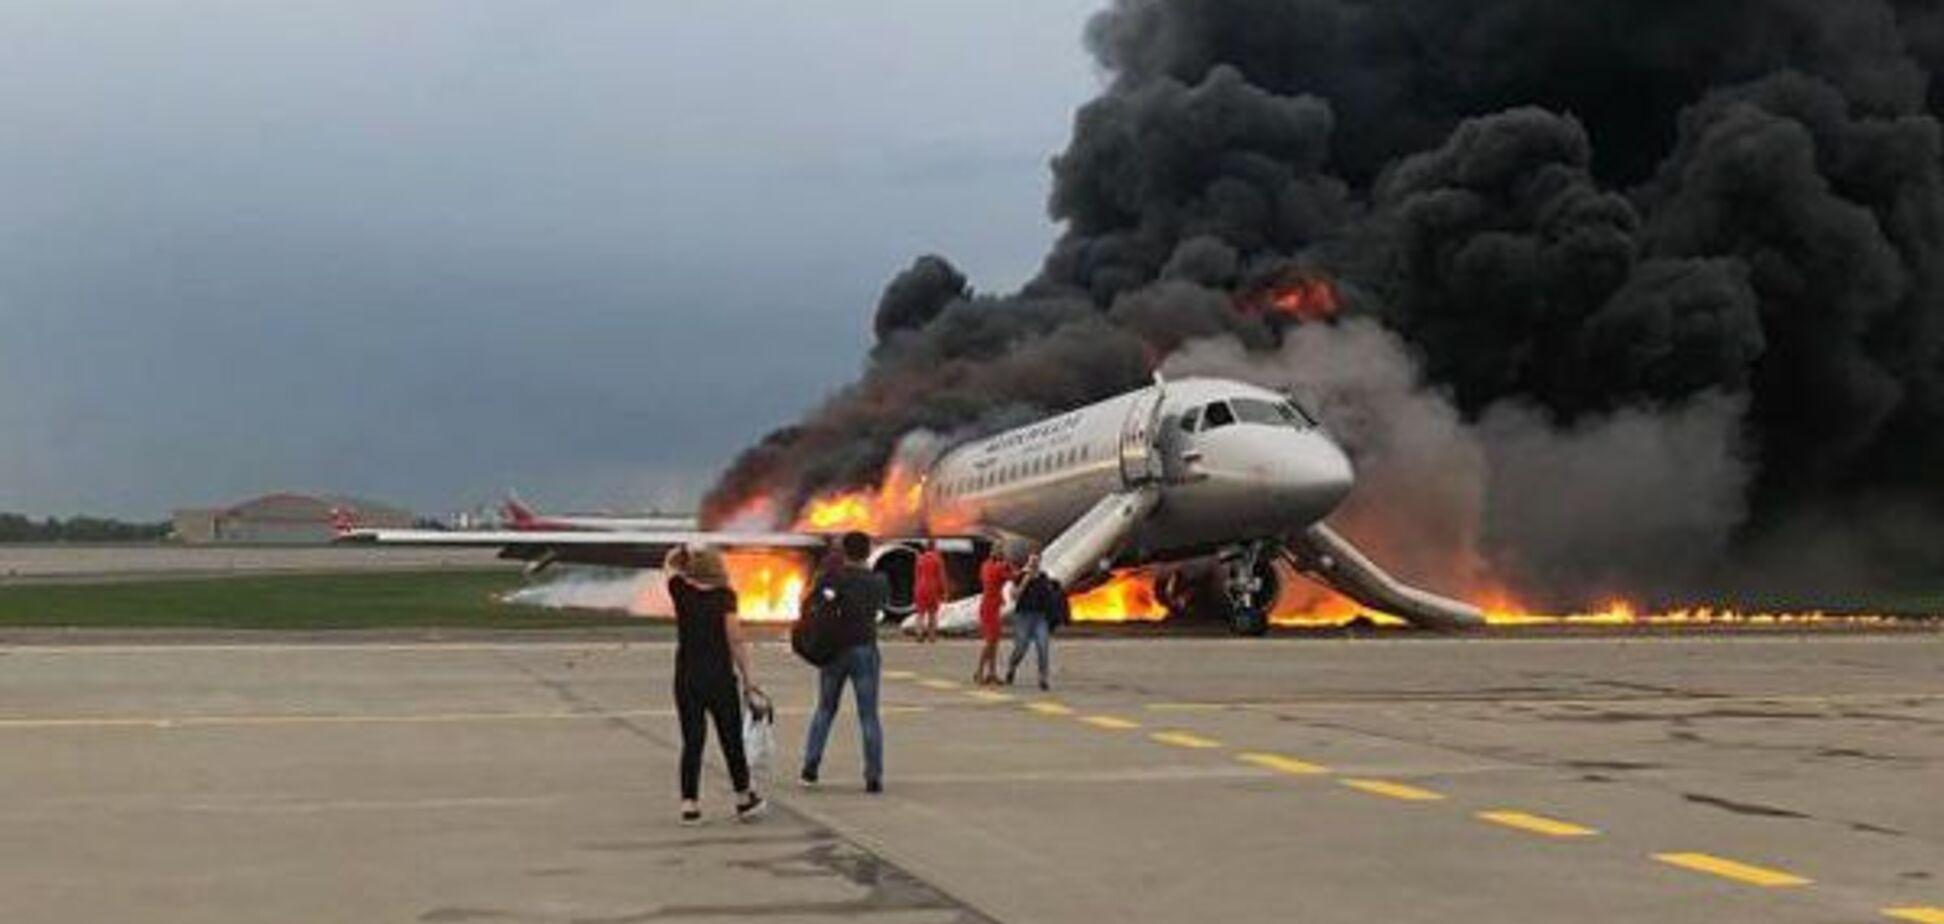 'Сел с огоньком!' В сеть слили скандальное видео с горящим самолетом и глумящимися сотрудниками 'Шереметьево'